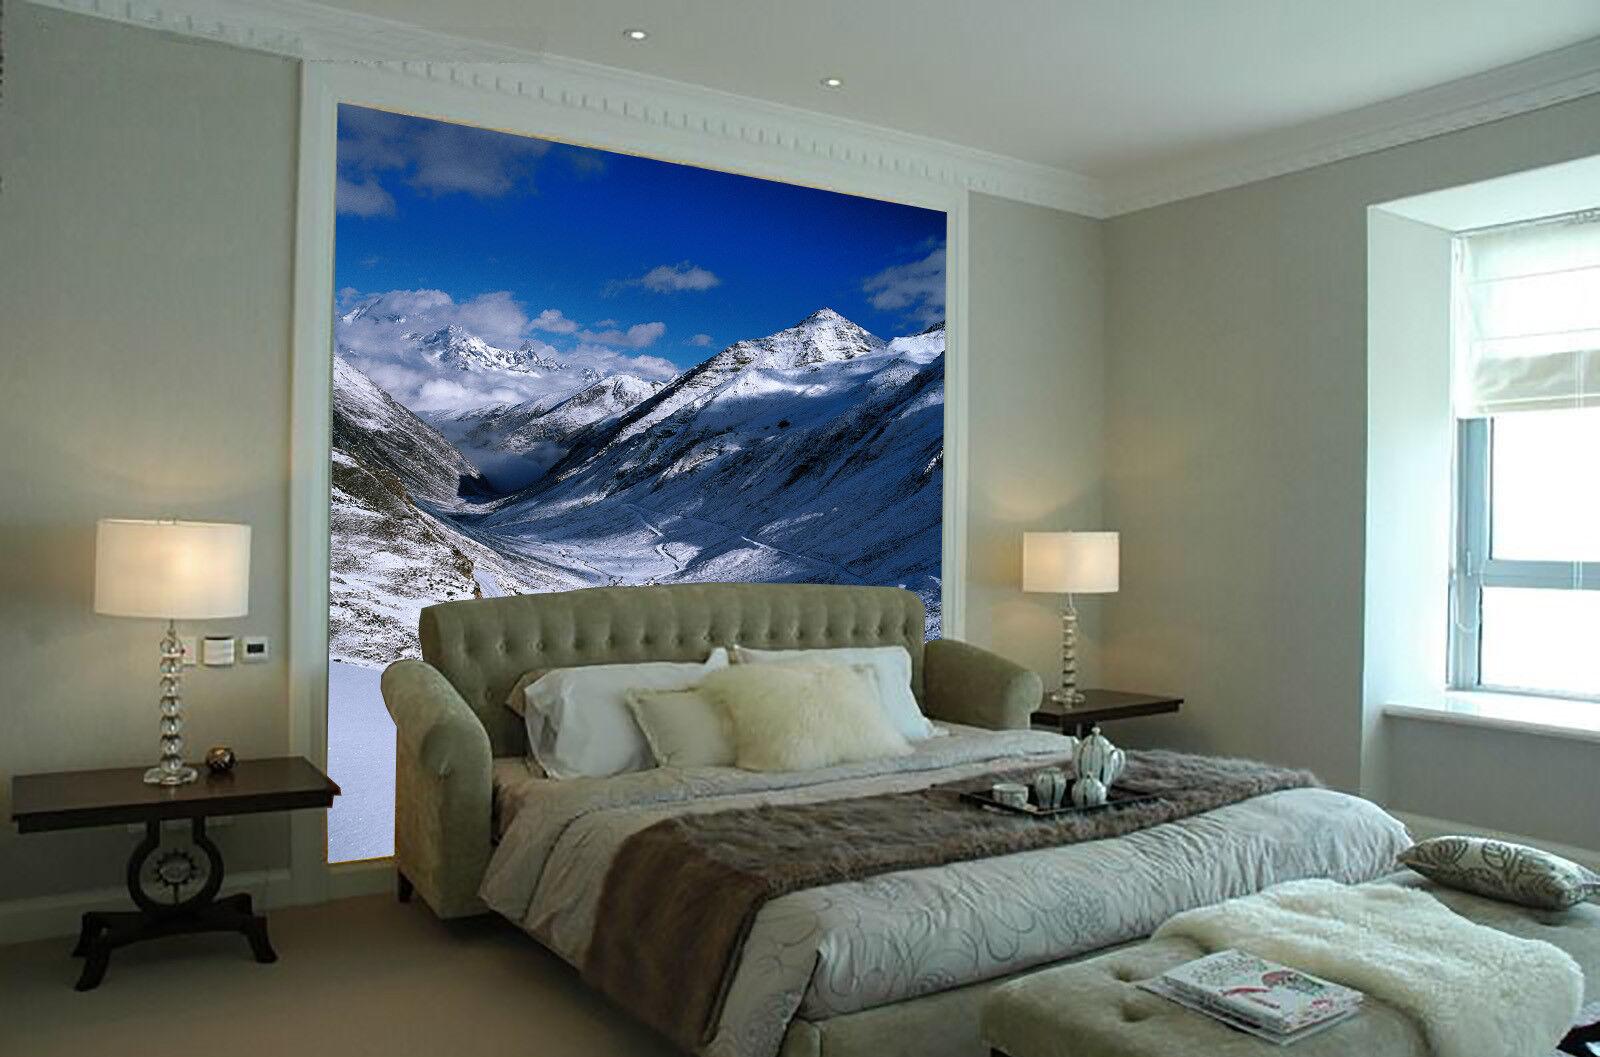 Papel Pintado Mural De Vellón Hermoso Nieve Montañas 2 Paisaje Fondo De Pansize